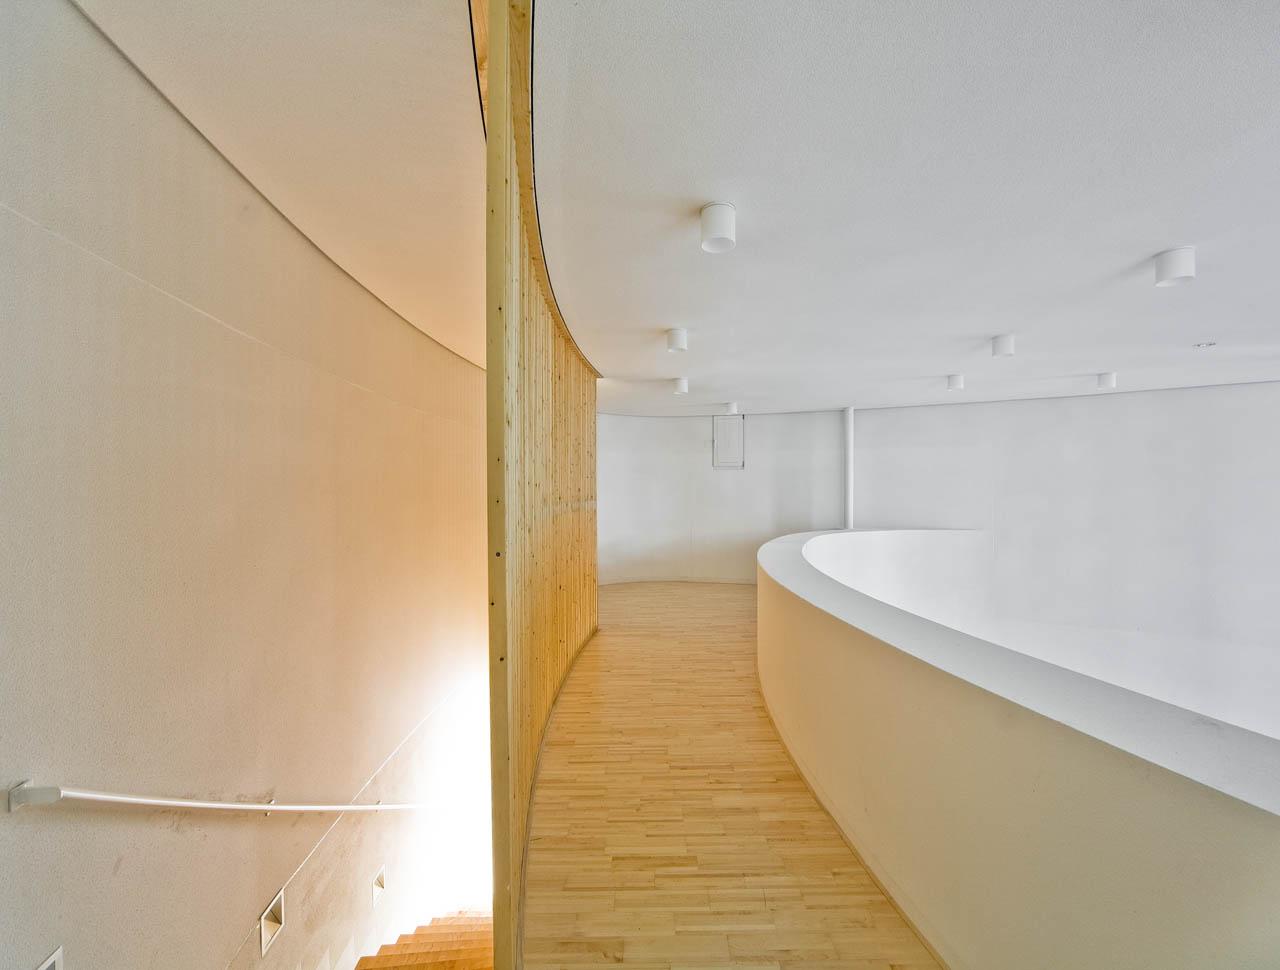 haus der stille campus westend frankfurt am main karlundp architekten m nchen. Black Bedroom Furniture Sets. Home Design Ideas